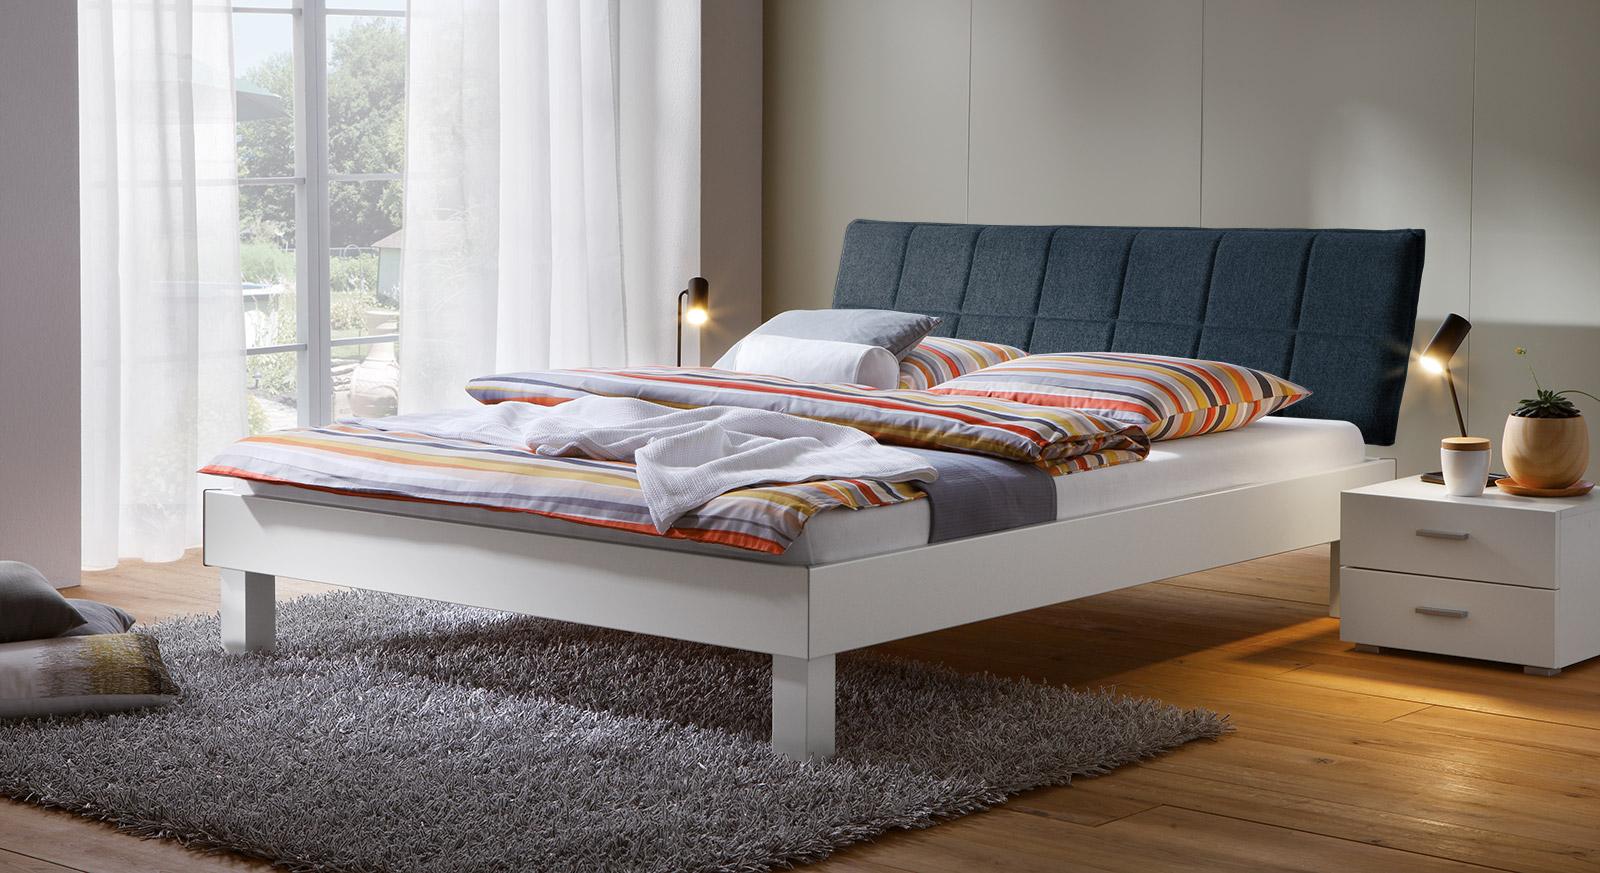 Bett Sierra mit 20cm Fußhöhe und Kopfteil in Marine